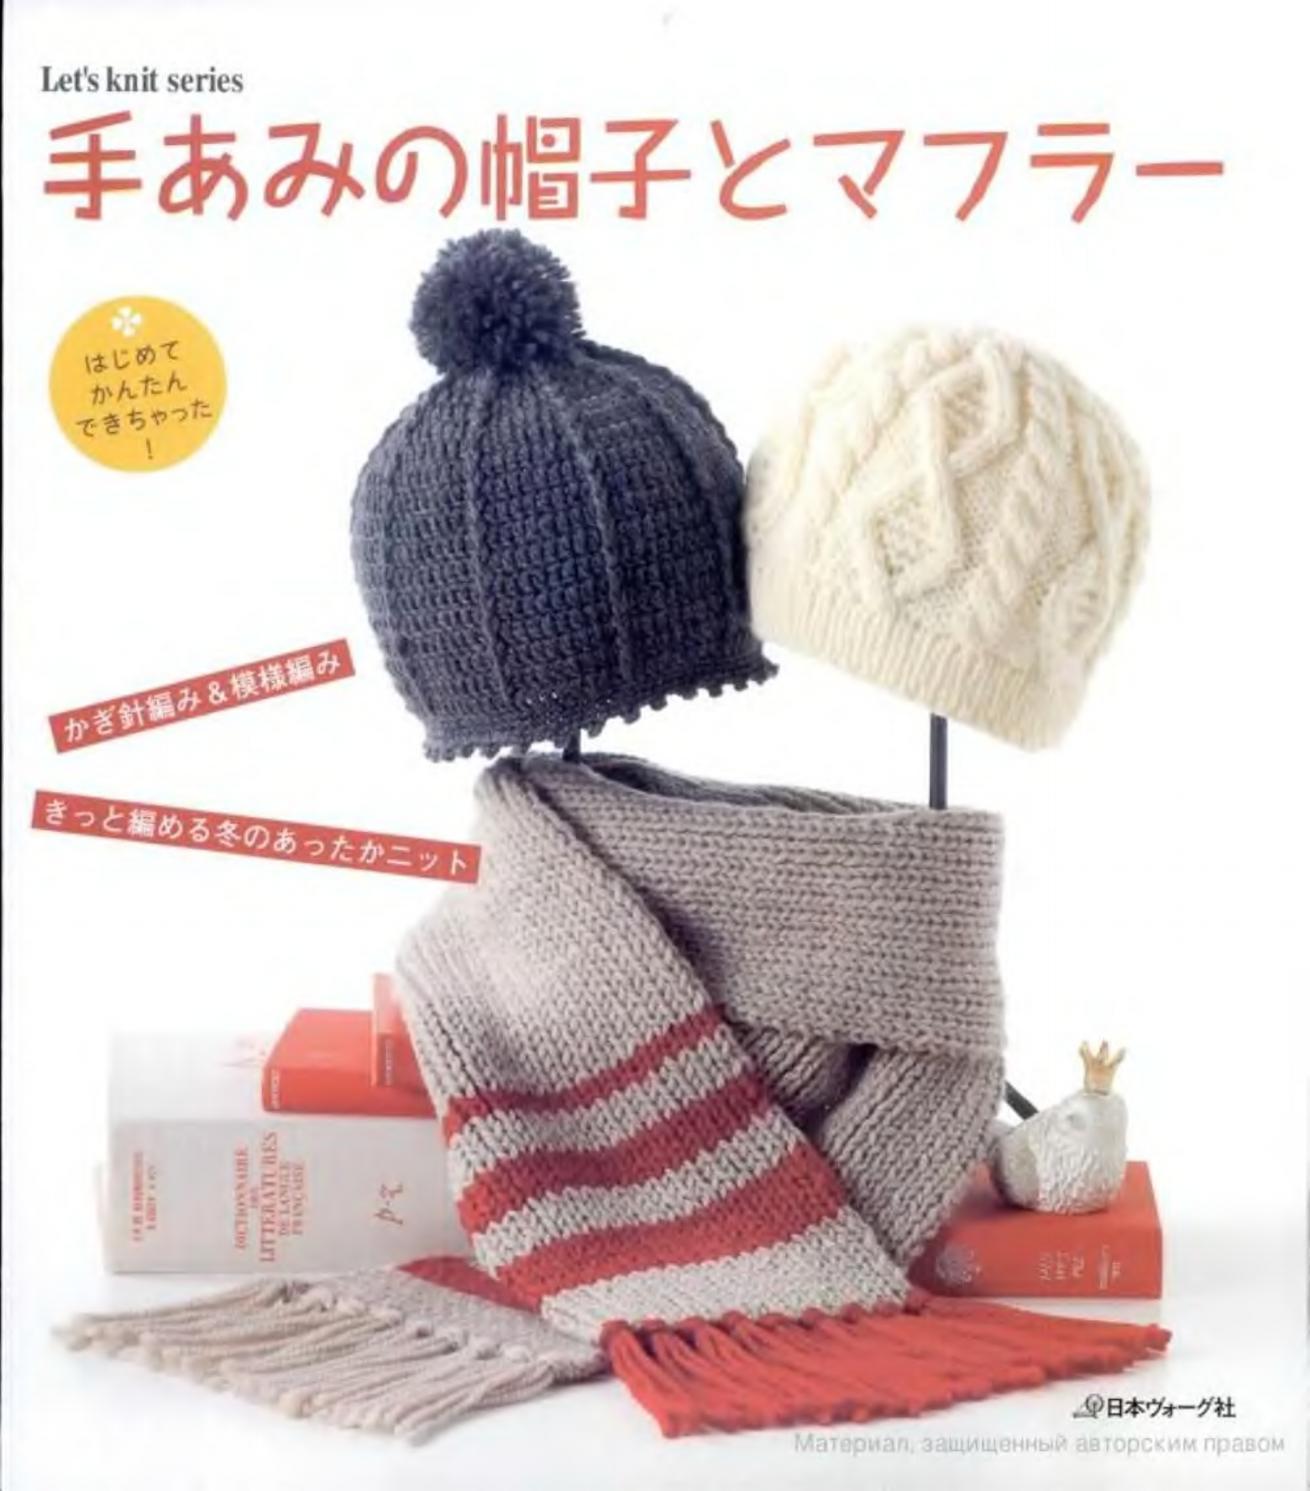 Китайские и японские журналы - Осинка 65